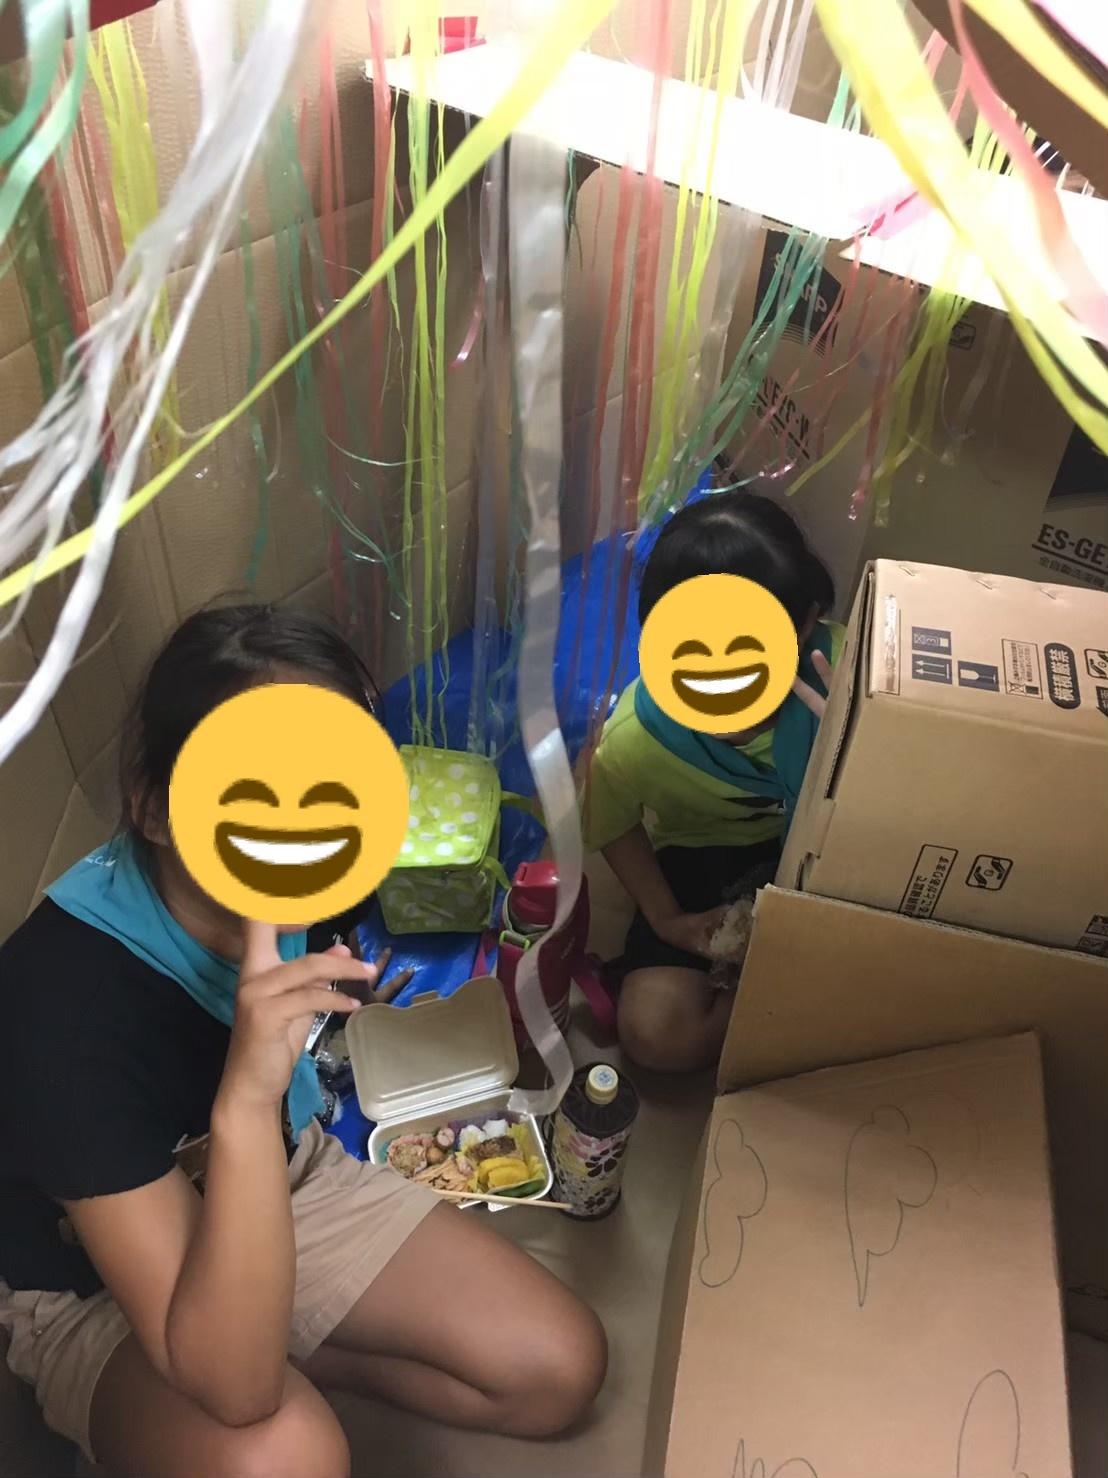 2019/9/8 ダンボールハウス作り_e0123469_20221611.jpeg